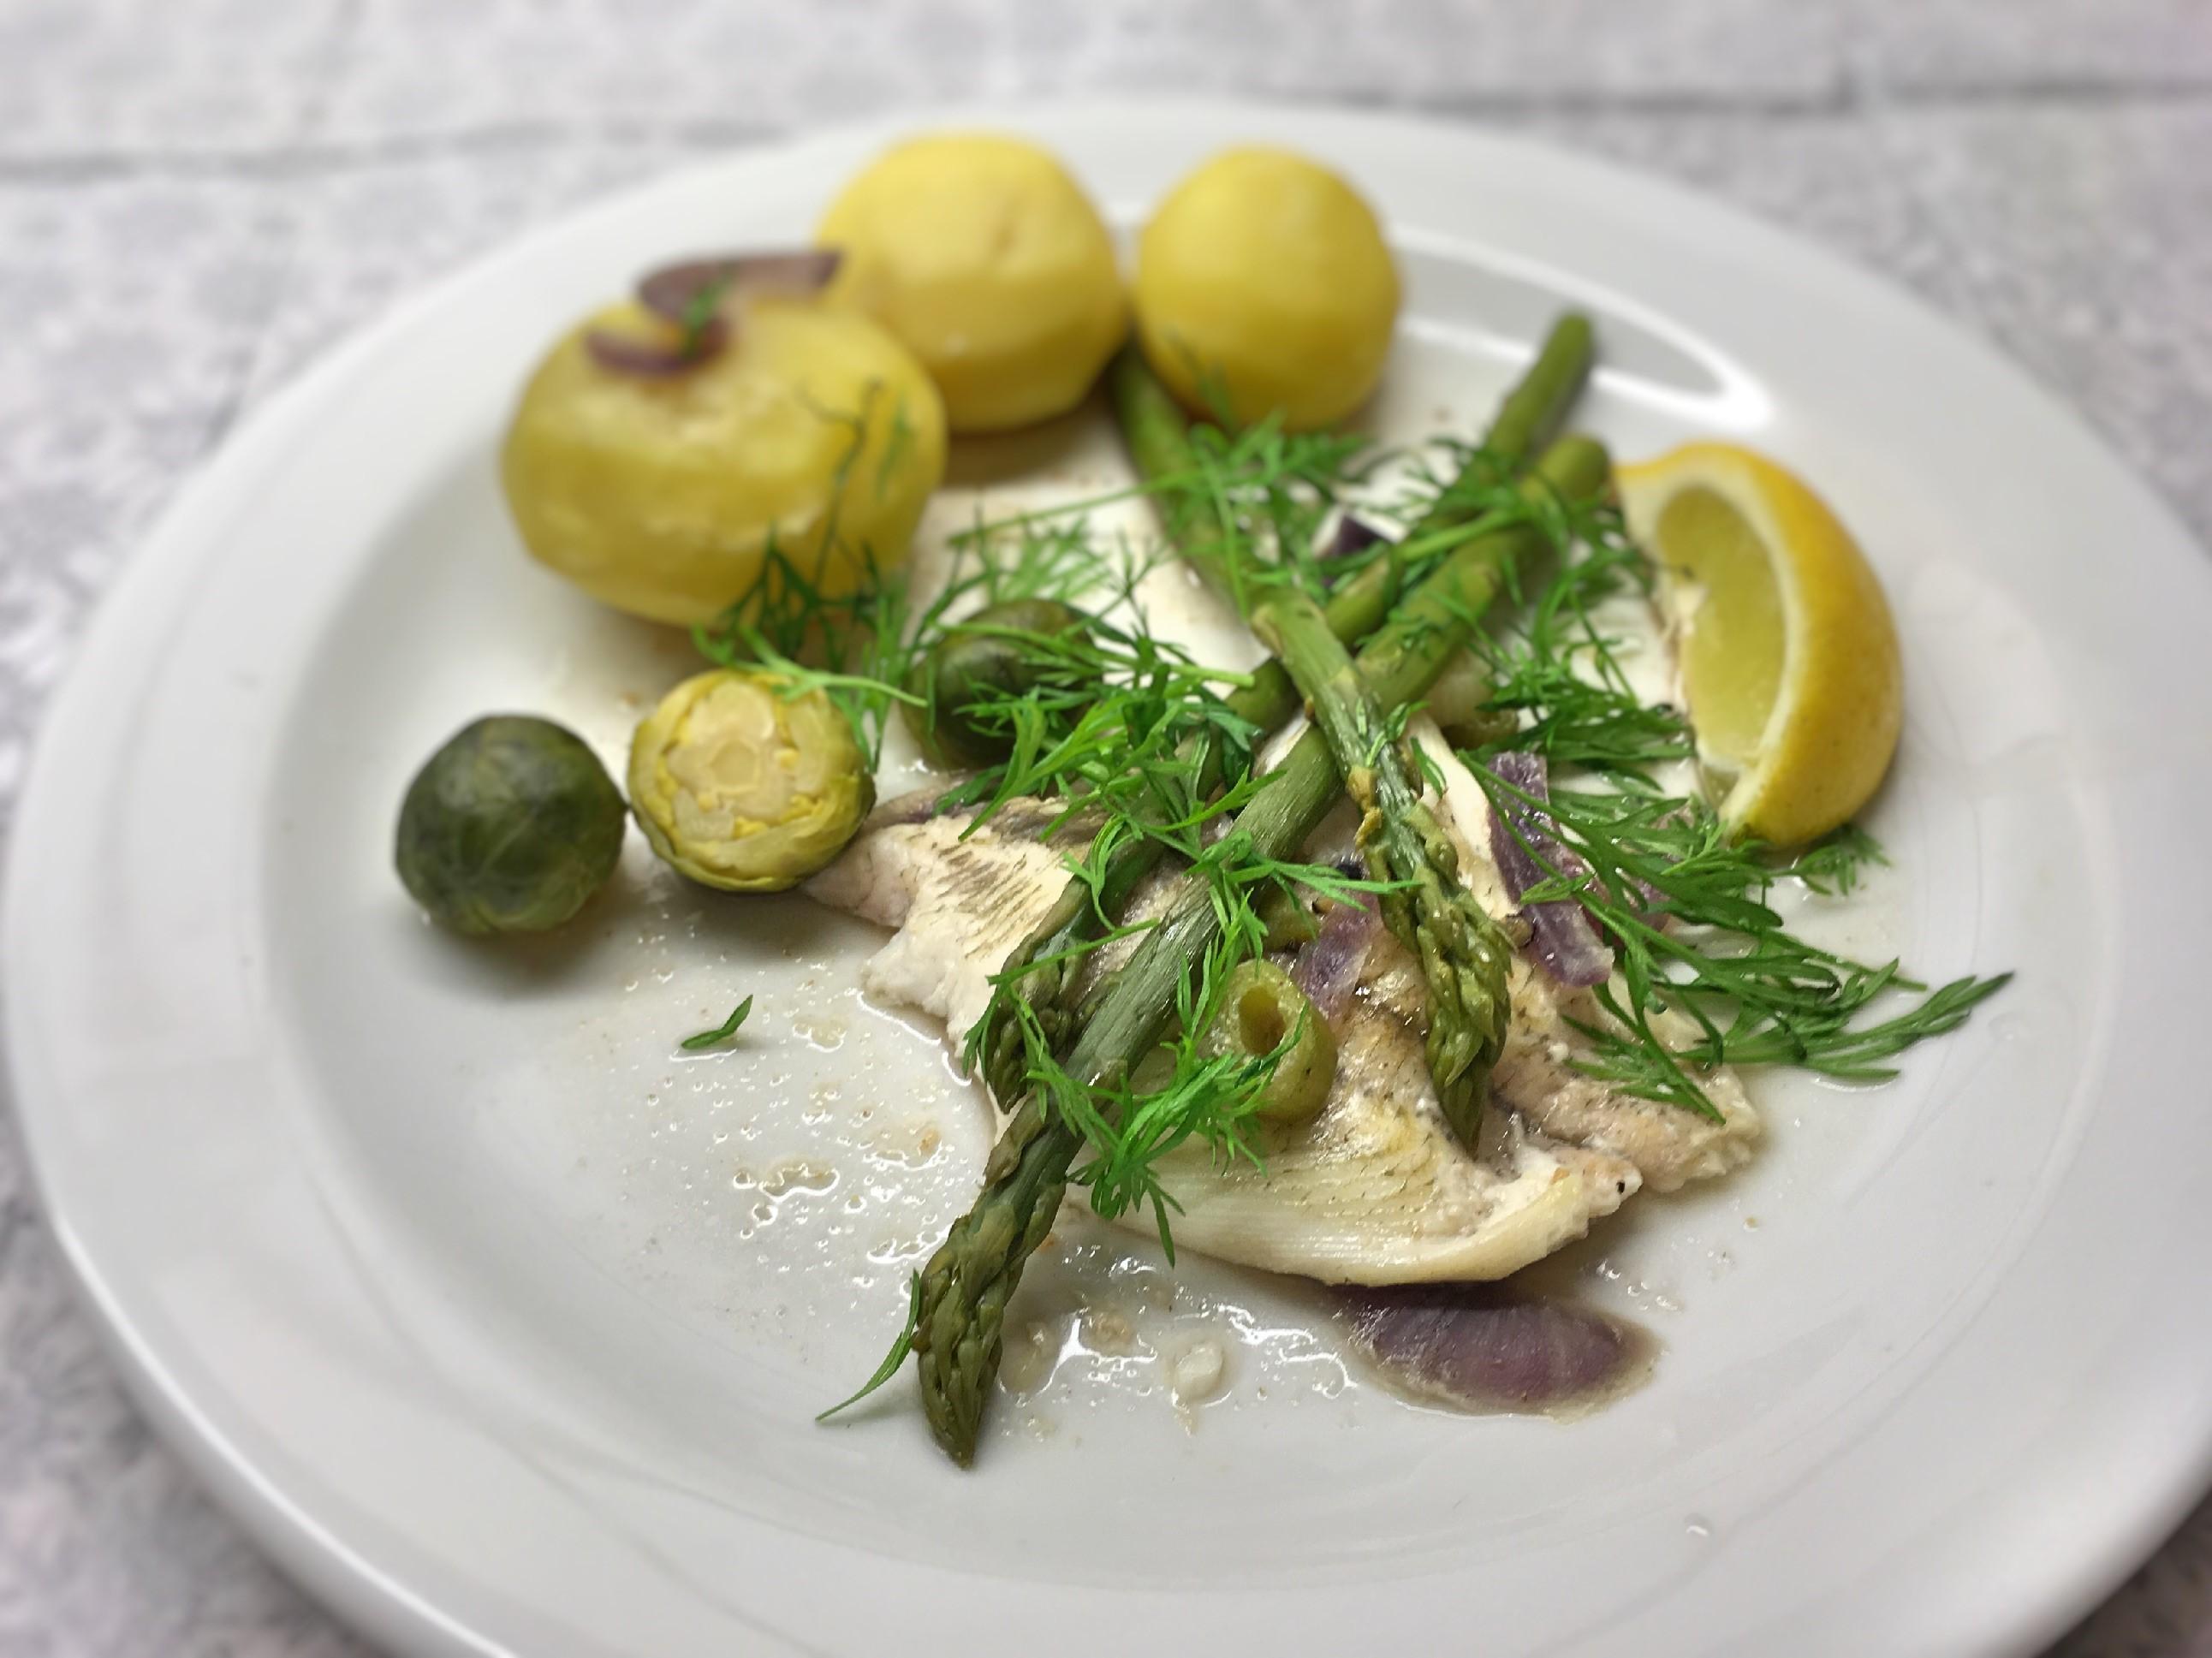 Rødspætte, fisk, opskrift, kartofler, sundt, sjovt, nemt, fiskeolie, asparges, super, otium, superotium